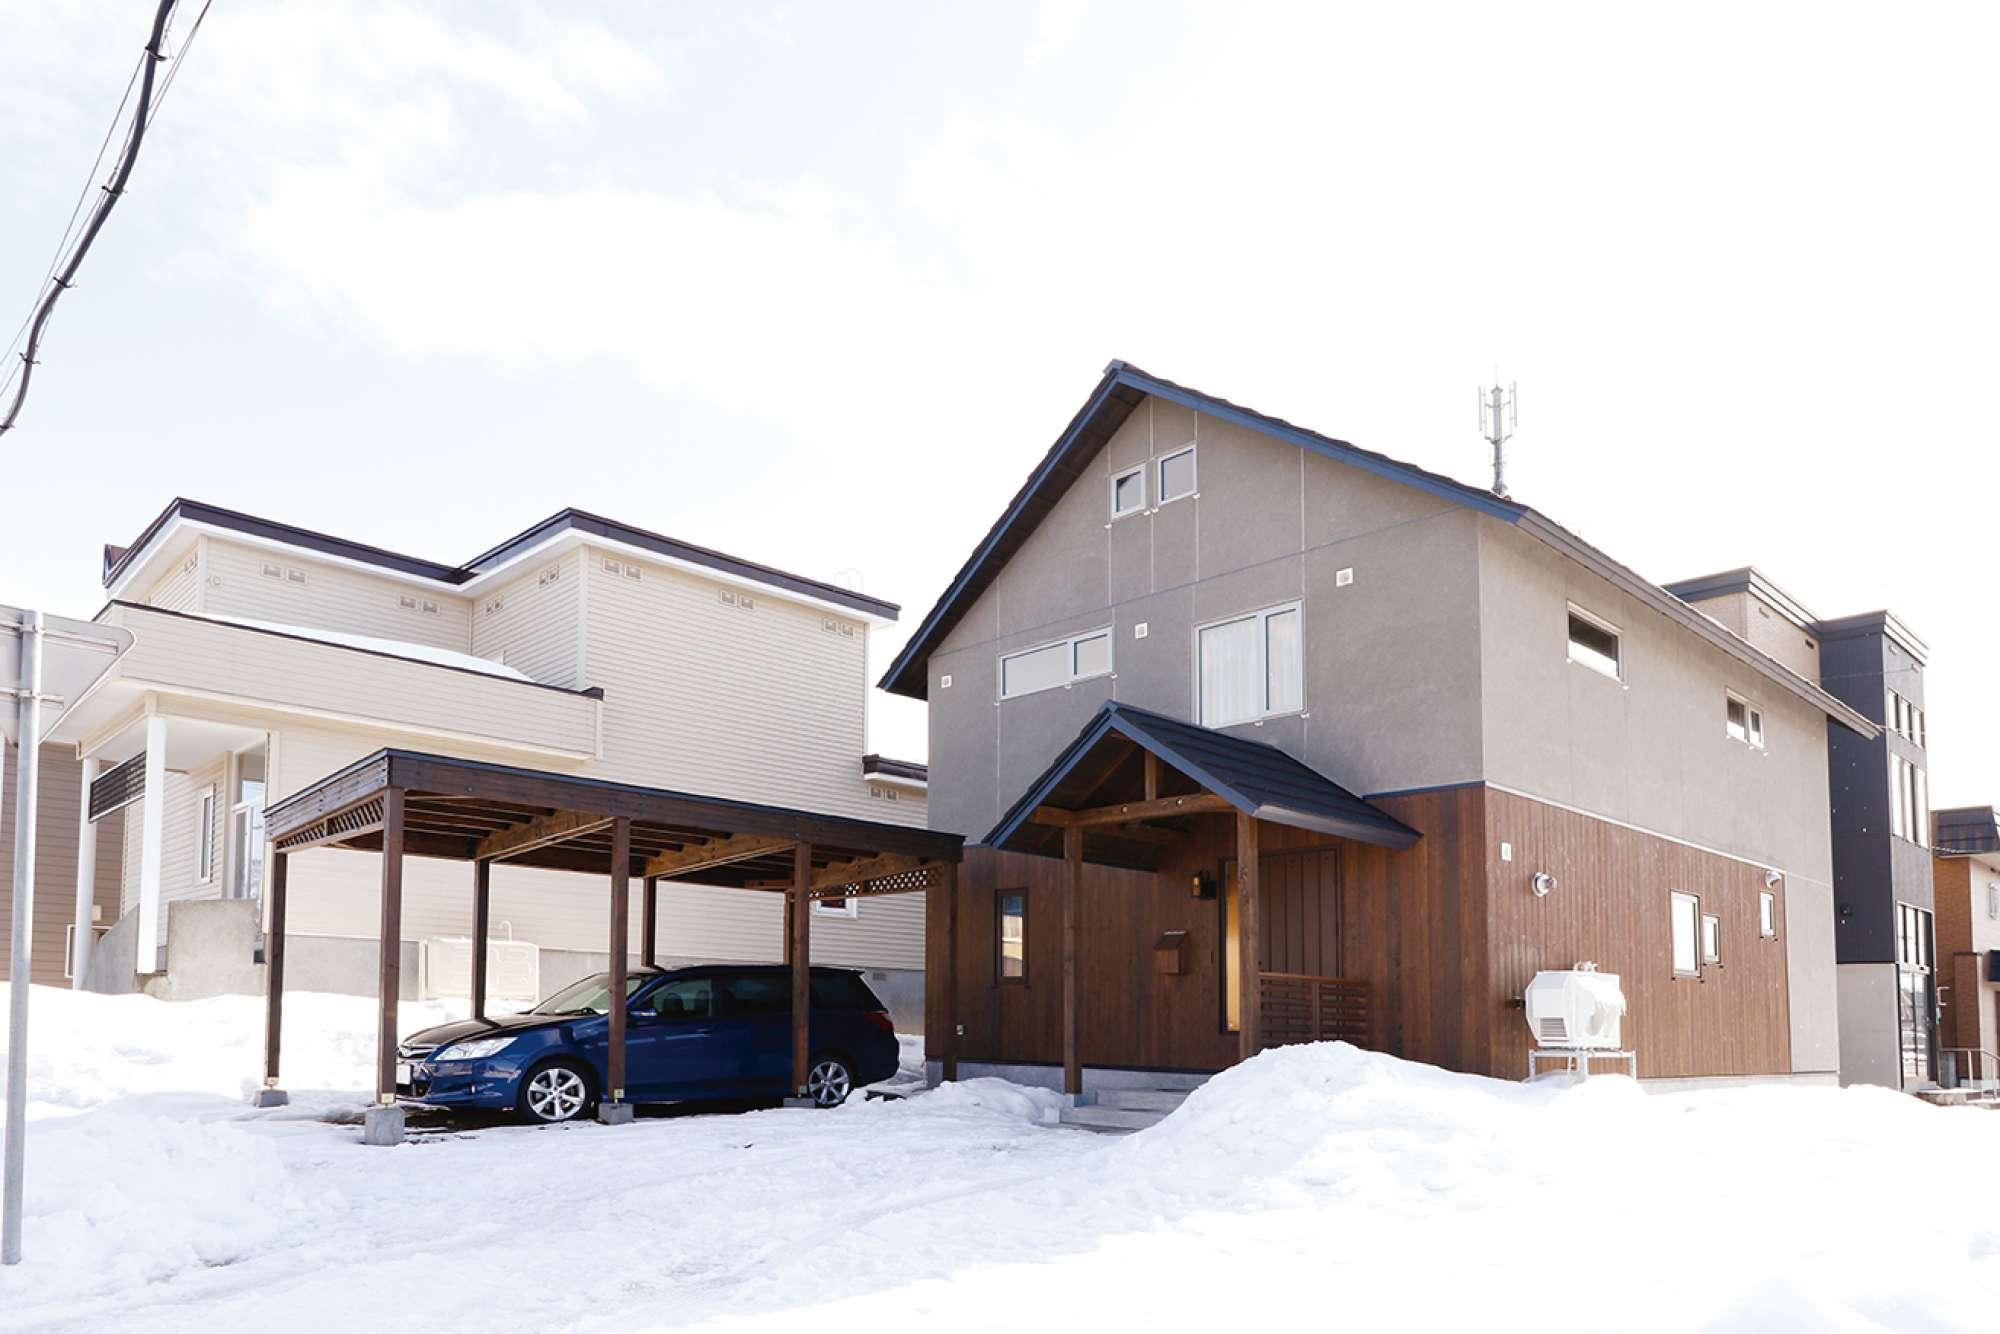 切妻の大屋根と、羽目板により木質感漂う1階の外壁が印象的なたたずまいを見せる外観 -  -  -